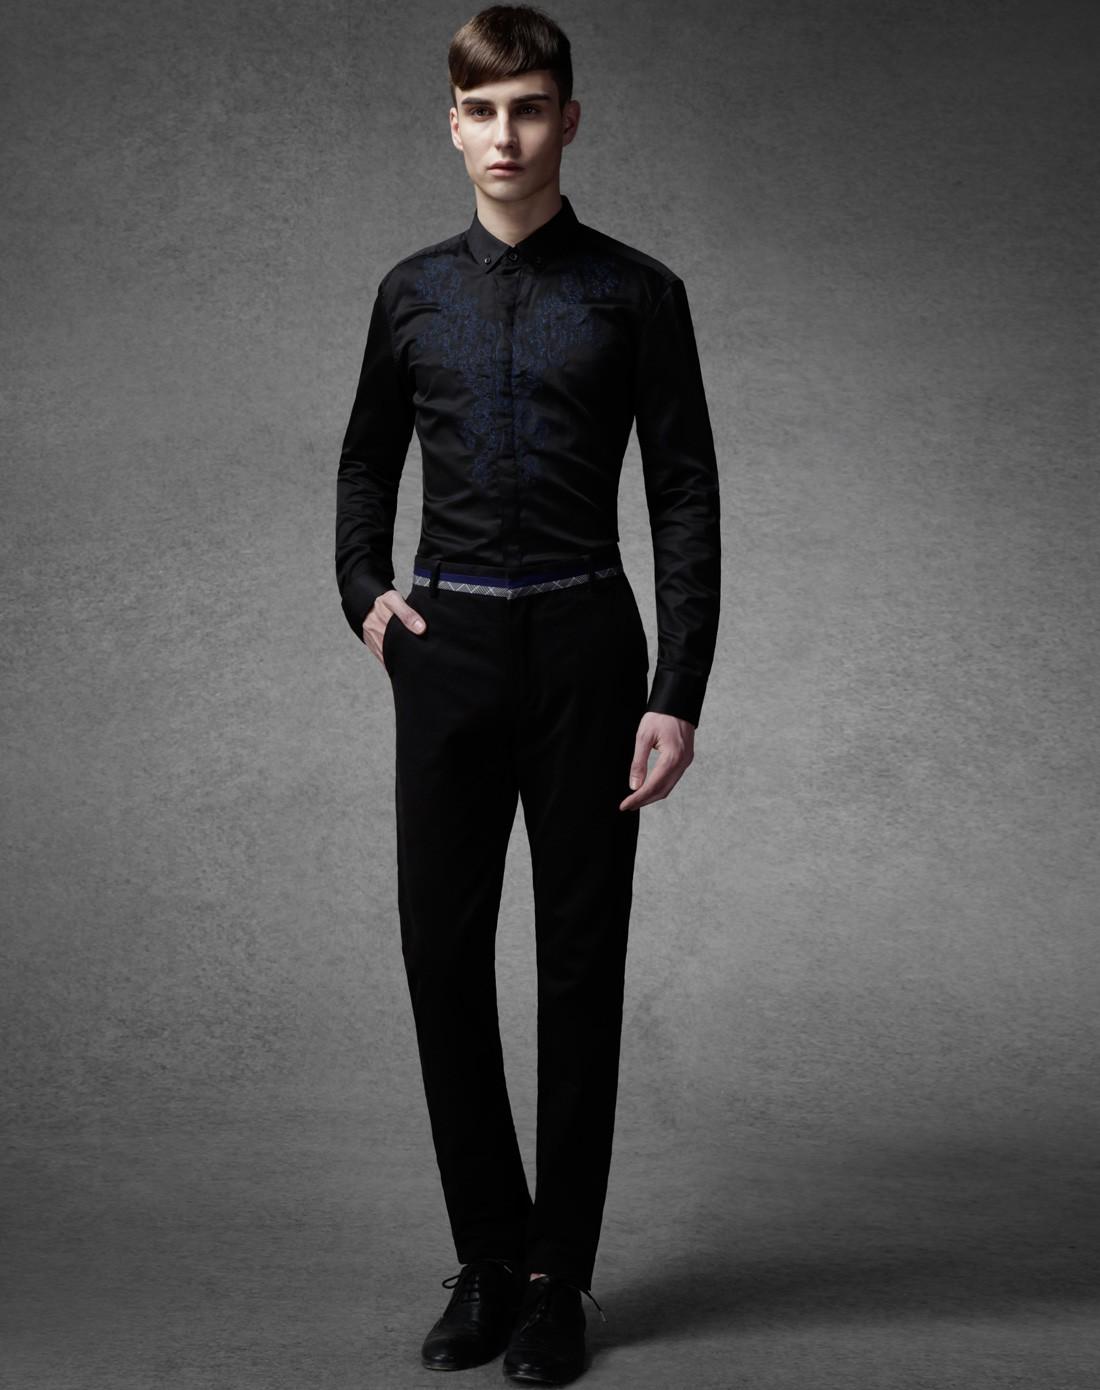 男的黑色衬衫 修身的 应该搭配咋样的裤子